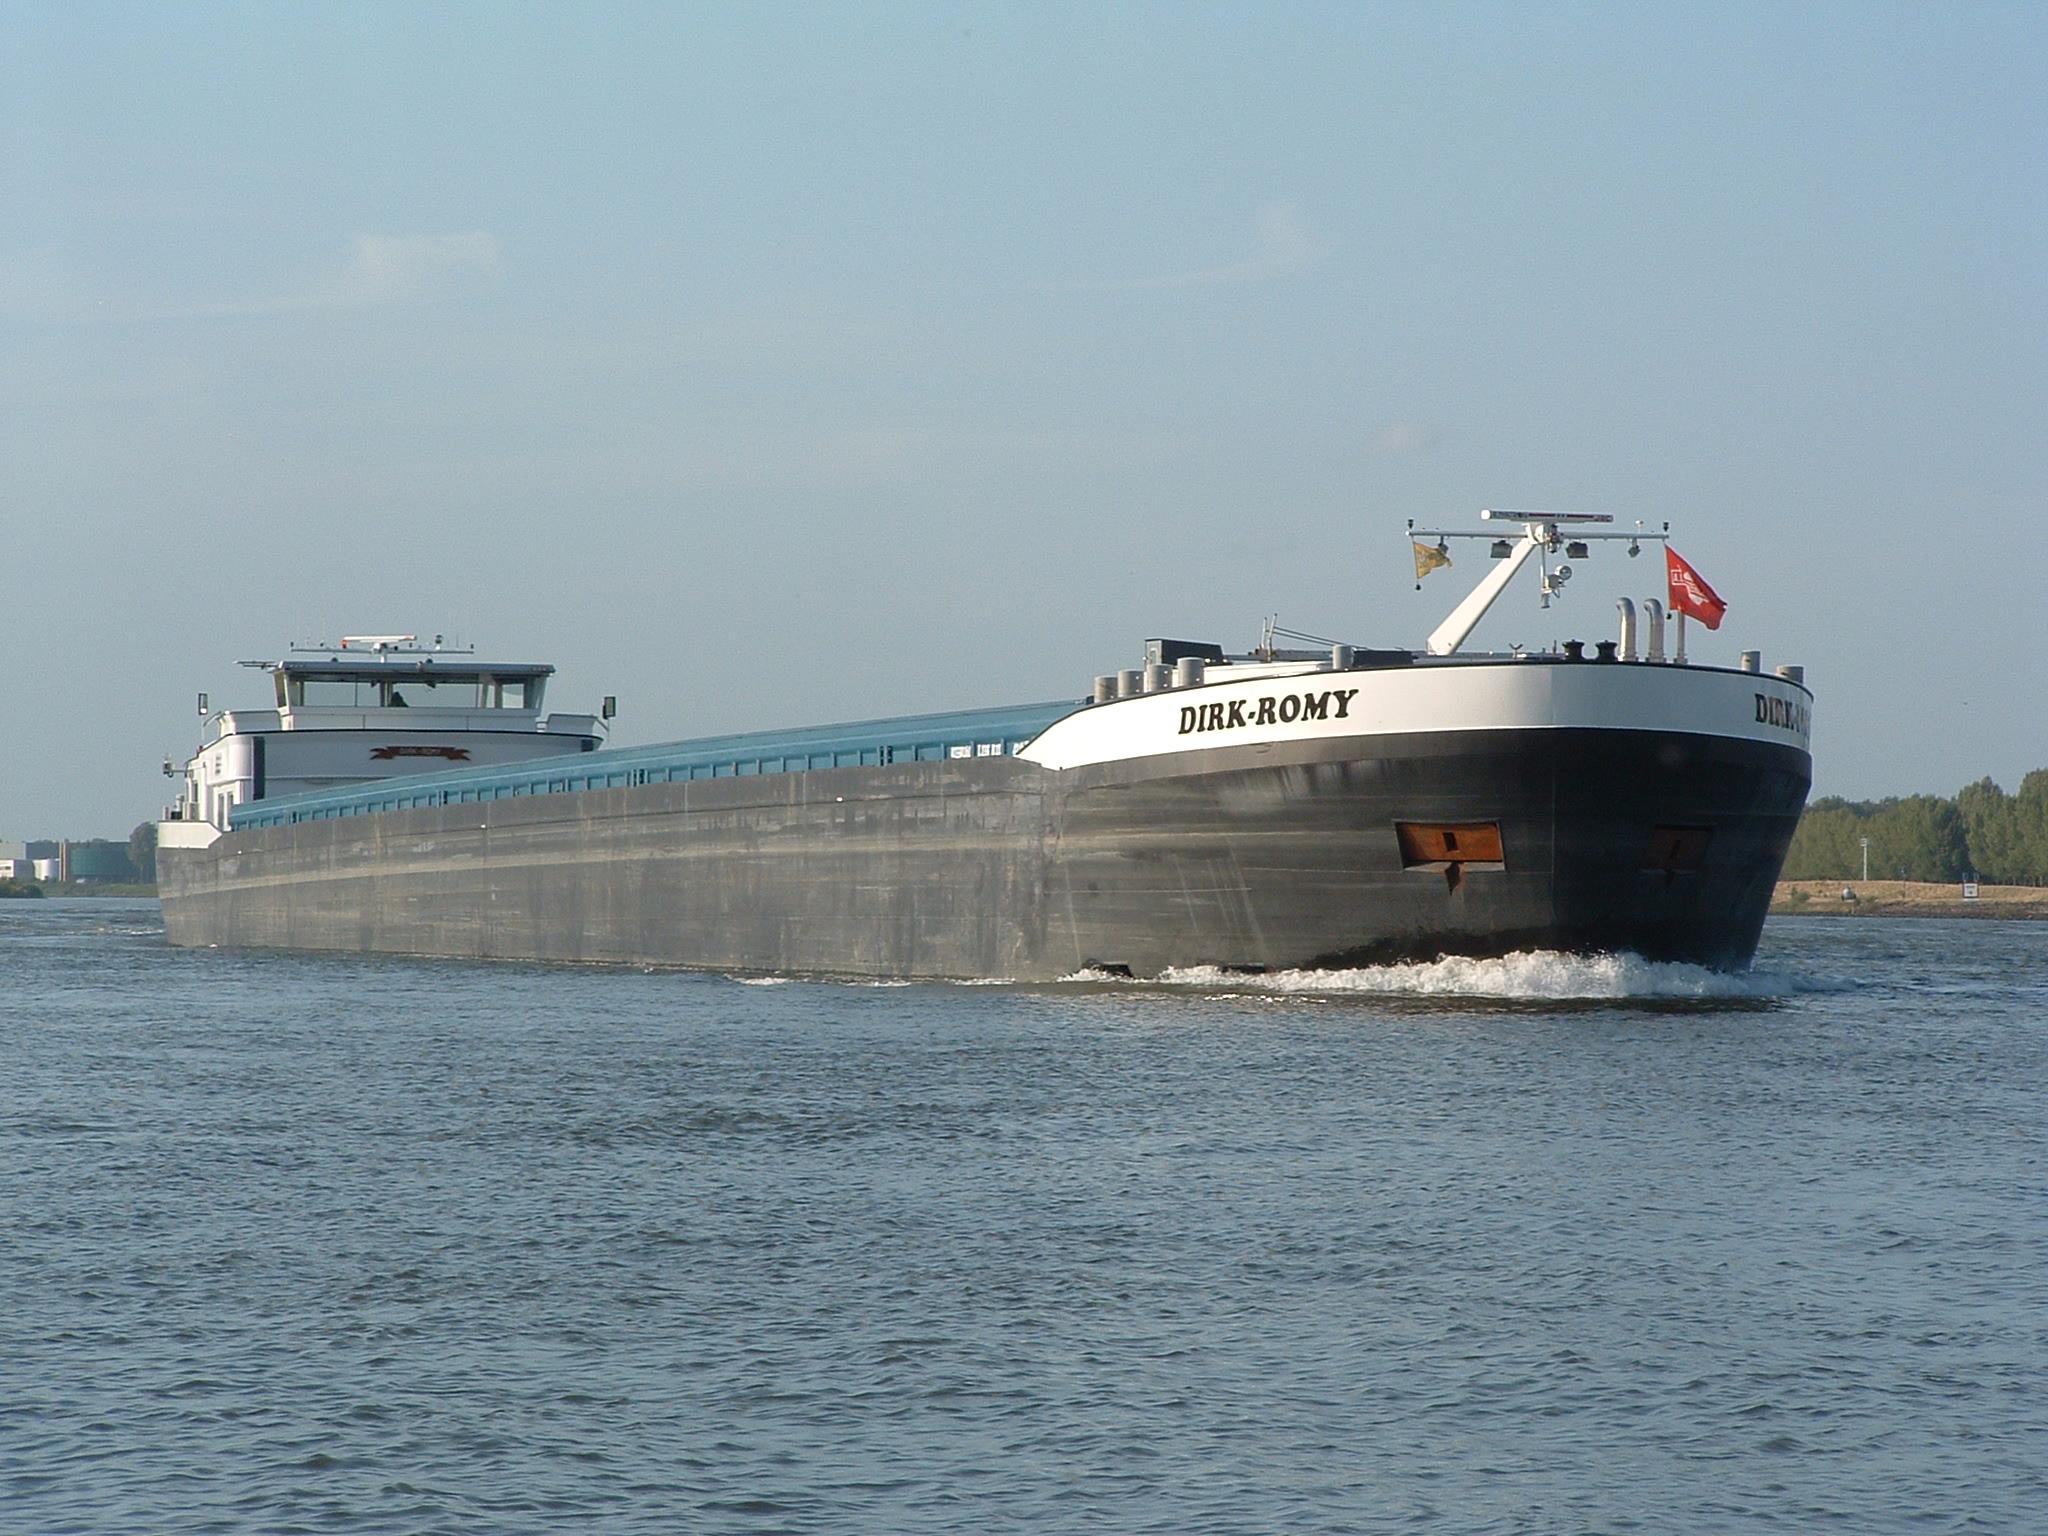 De Dirk Romy kwam de binnenvaartvloot van Roermond versterken. (Foto D. Henken)